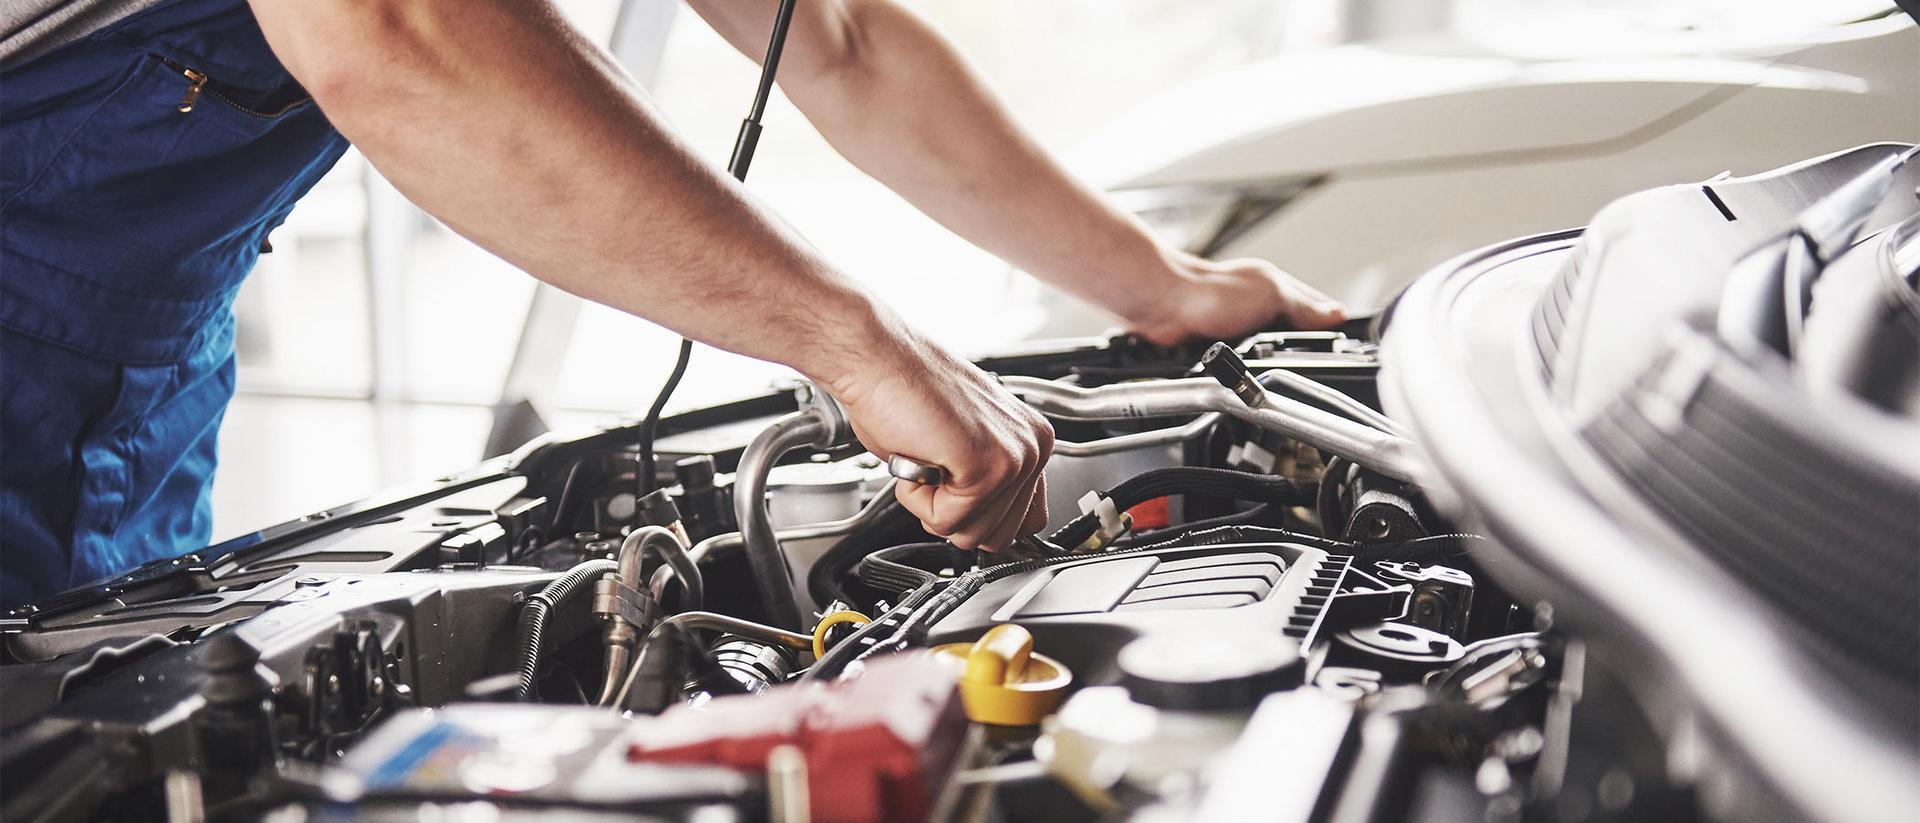 Korjaaja korjaa autoa